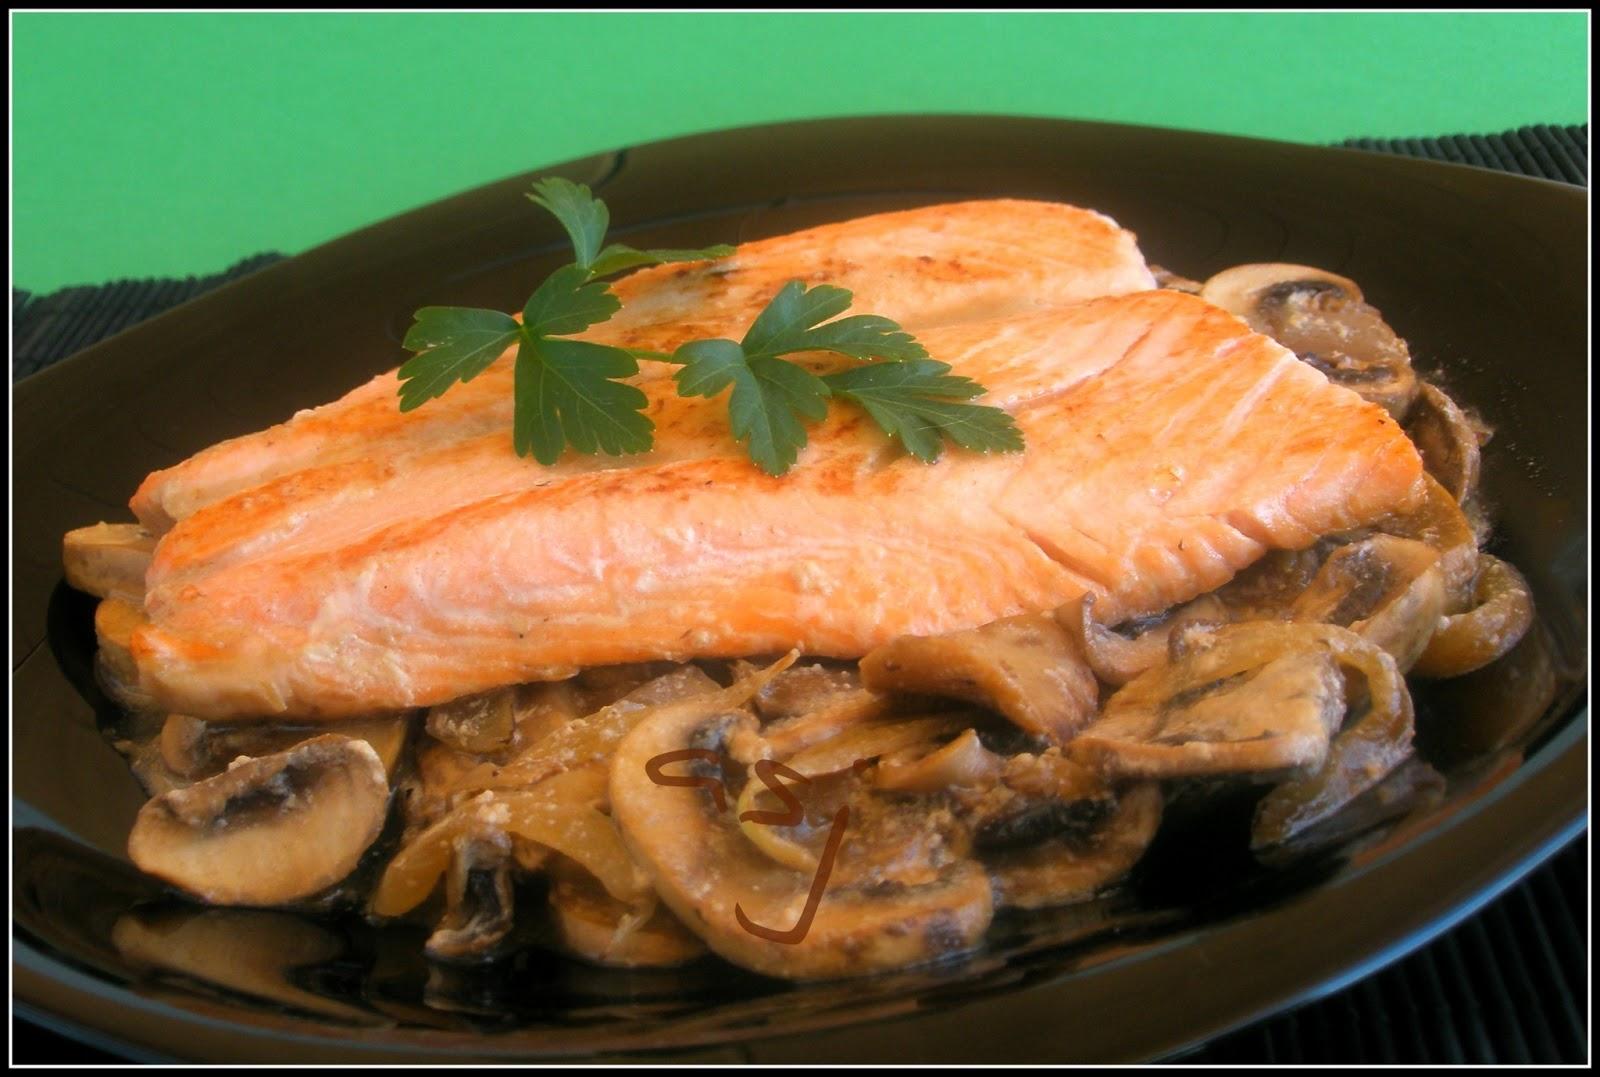 Una fiera en mi cocina salm n con champi ones - Formas de cocinar salmon ...